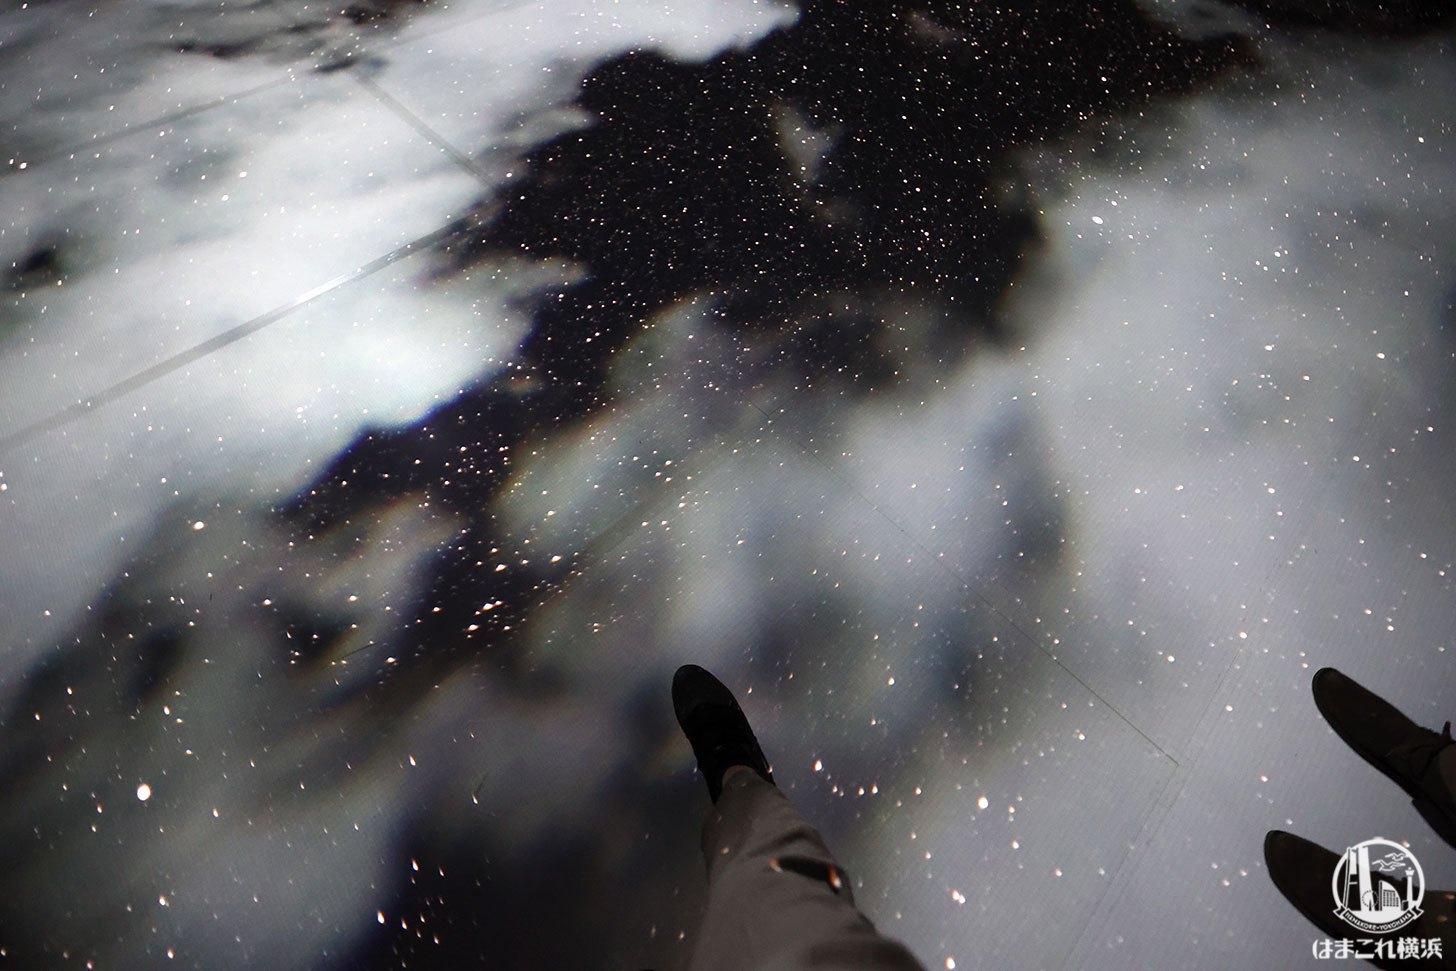 赤レンガ・アートプラネタリウム「星と歩く」足元